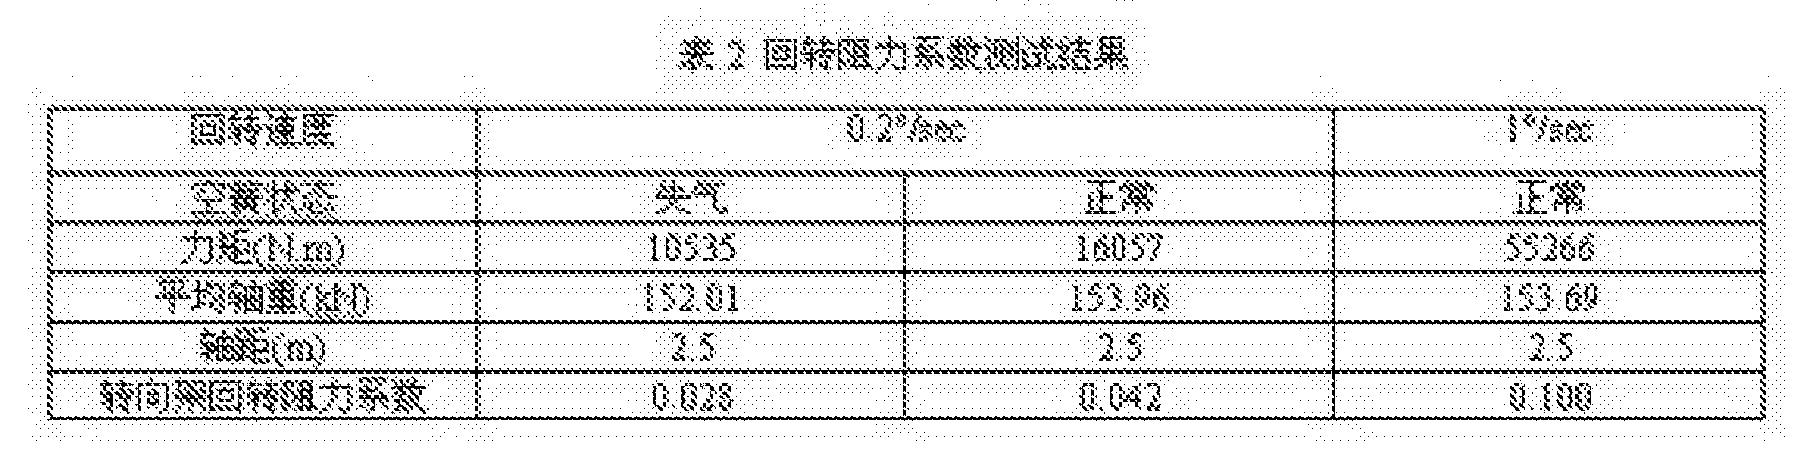 Figure CN104034540BD00081